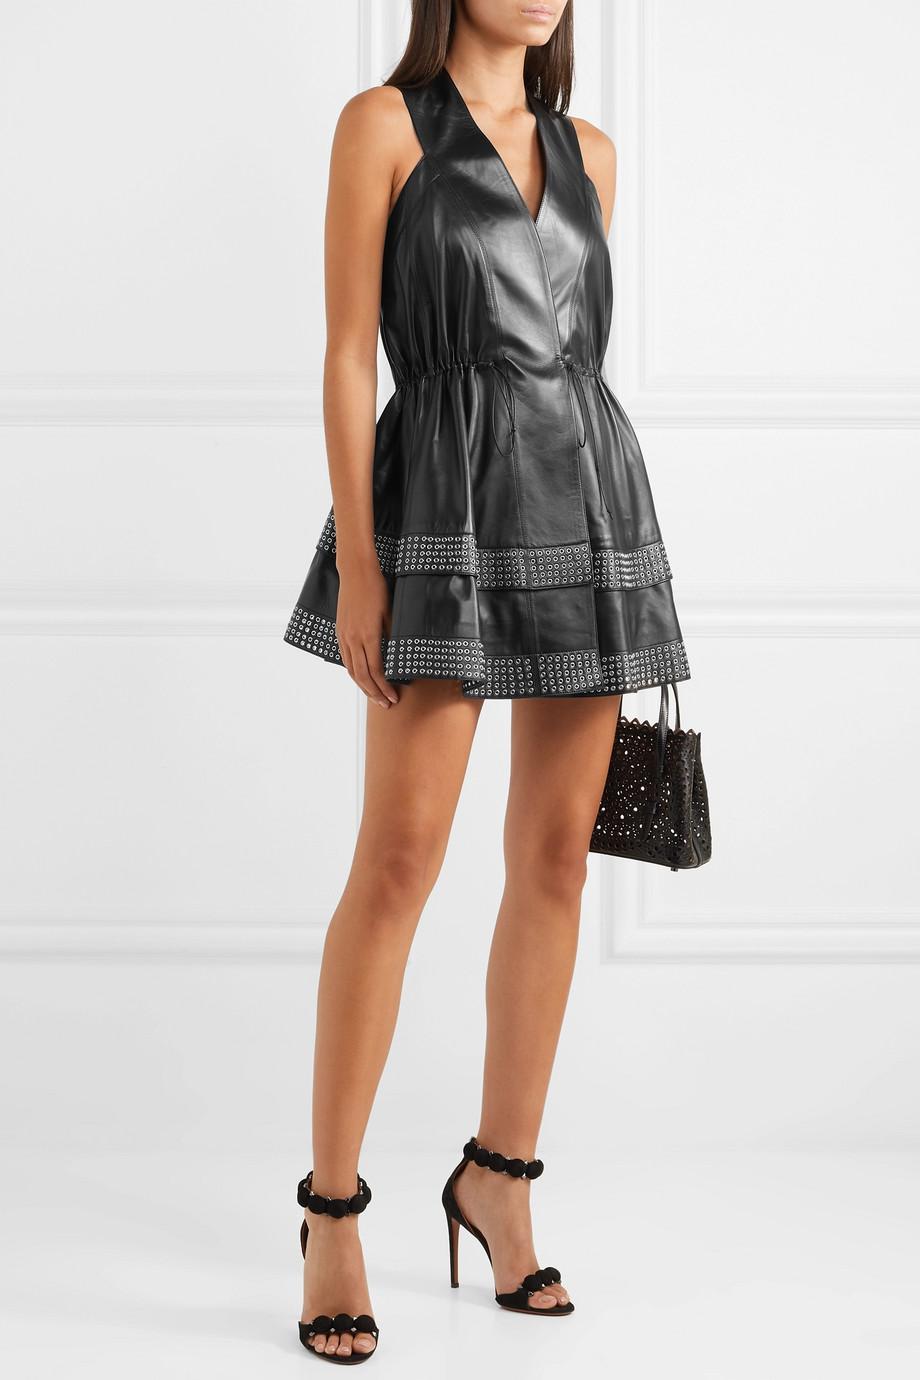 Alaïa Eyelet-embellished leather mini dress